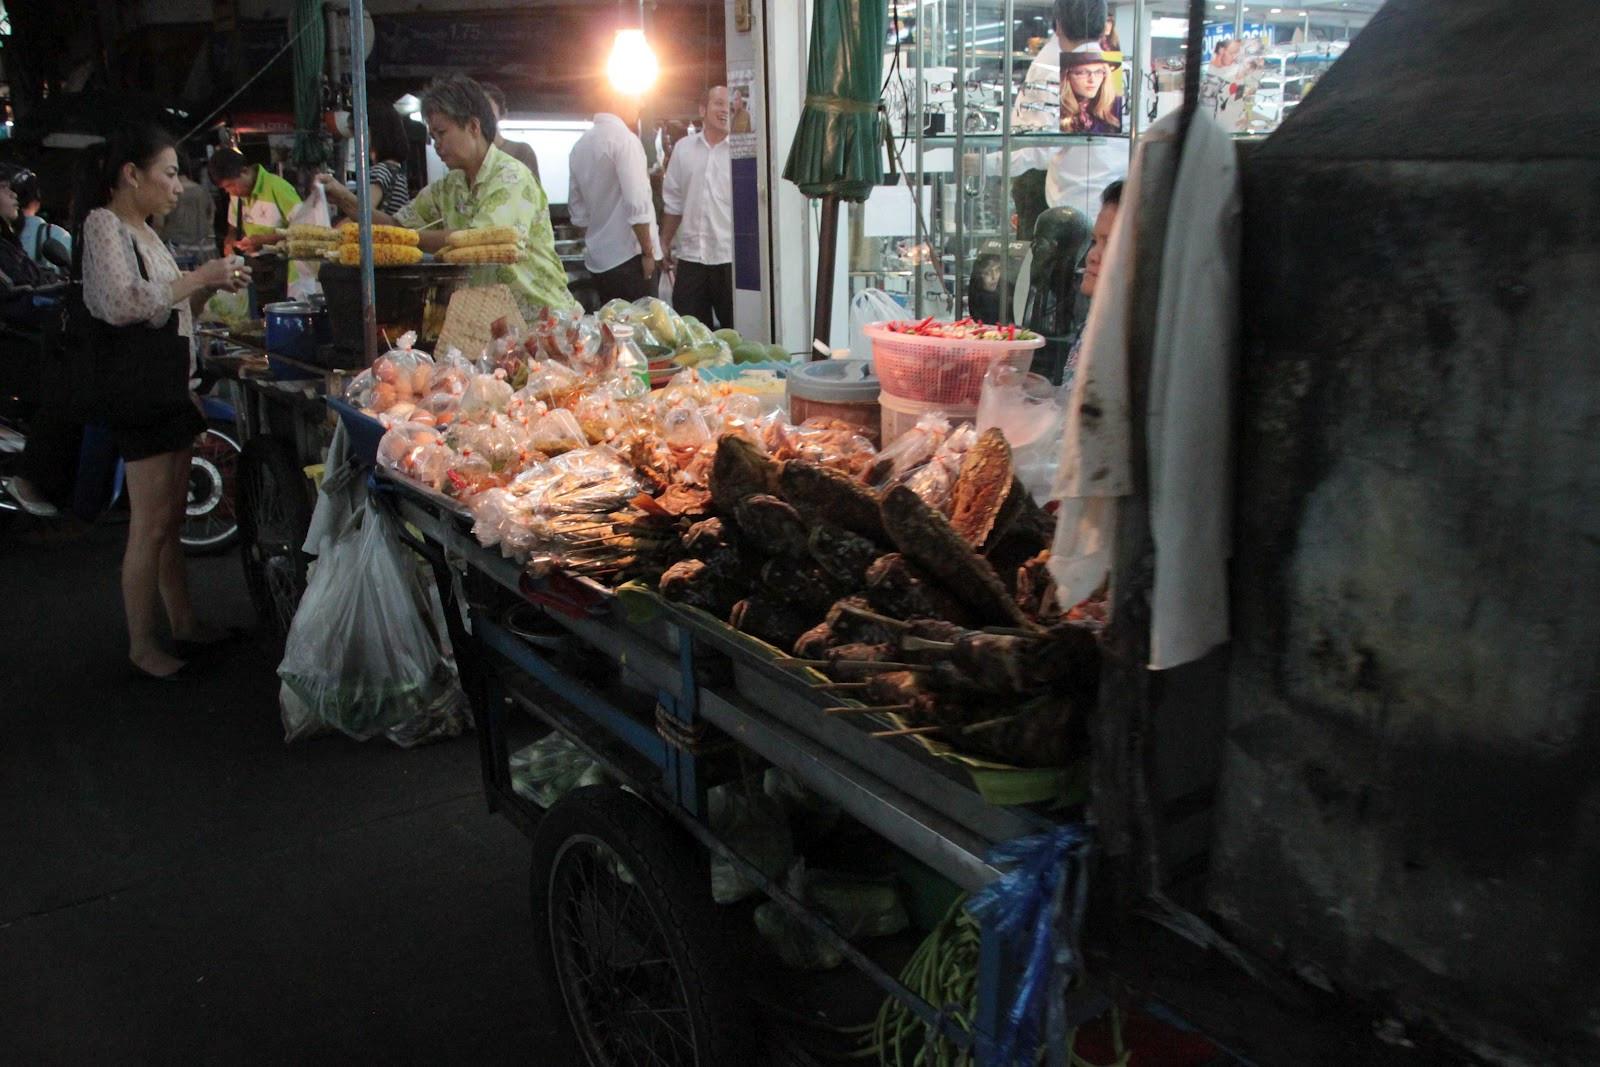 comida na rua.jpg